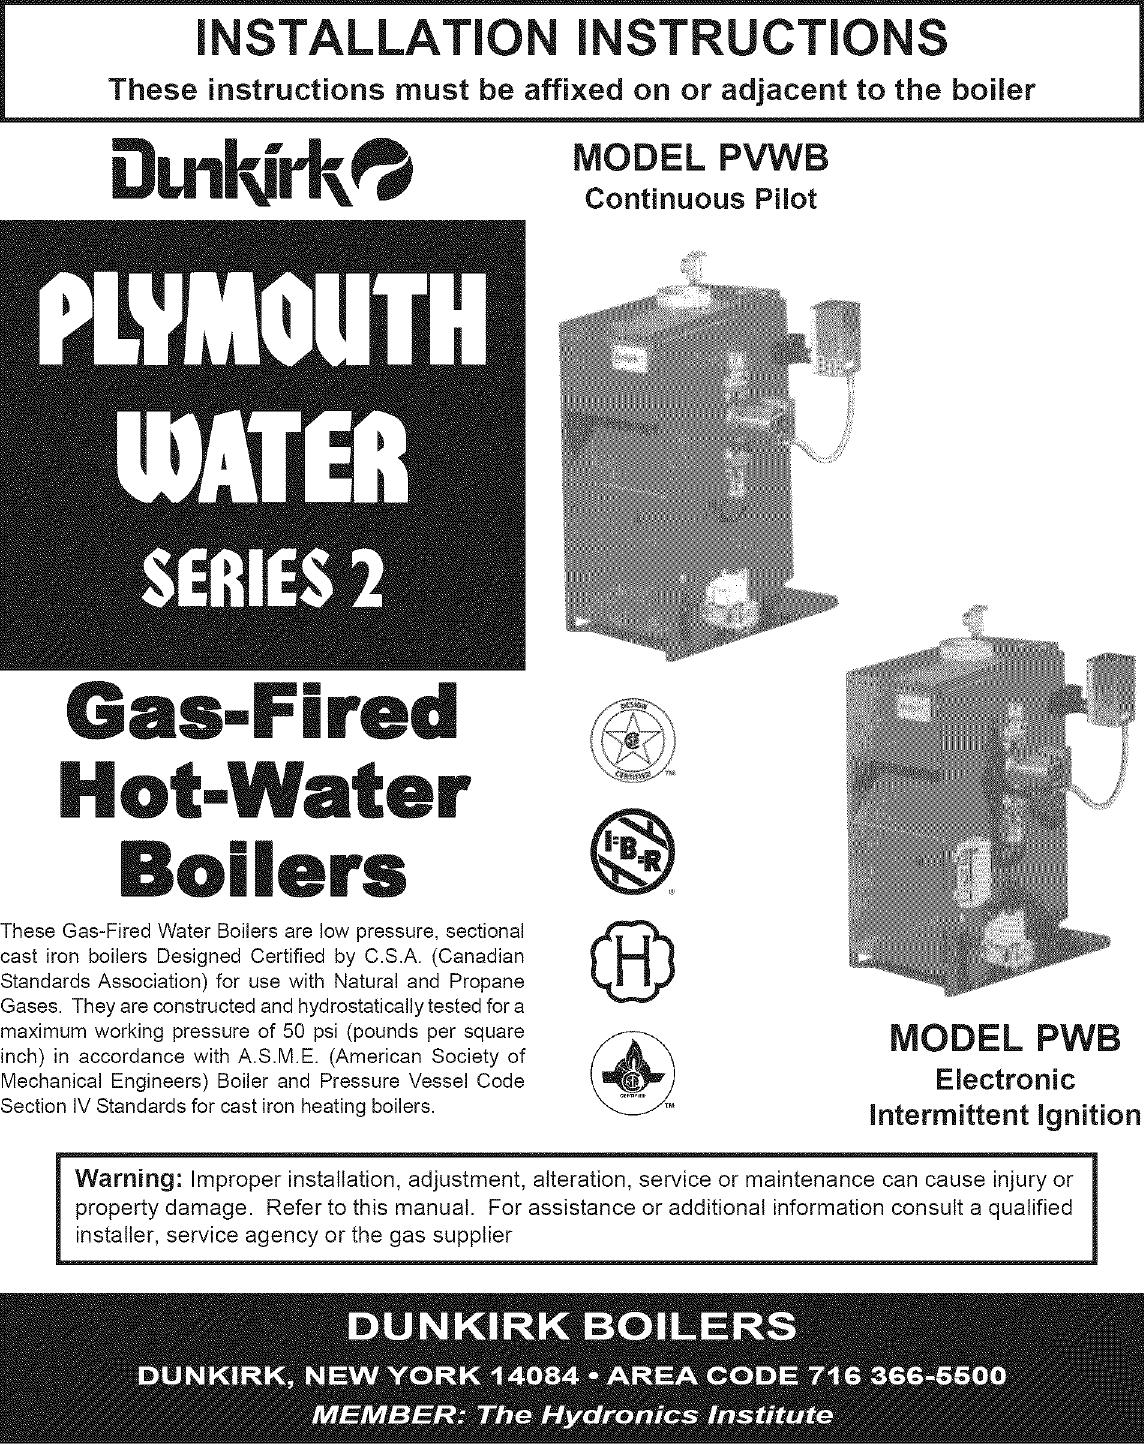 Dunkirk Boiler Wiring Diagram Trusted Diagrams Burnham Gas Manual L0612044